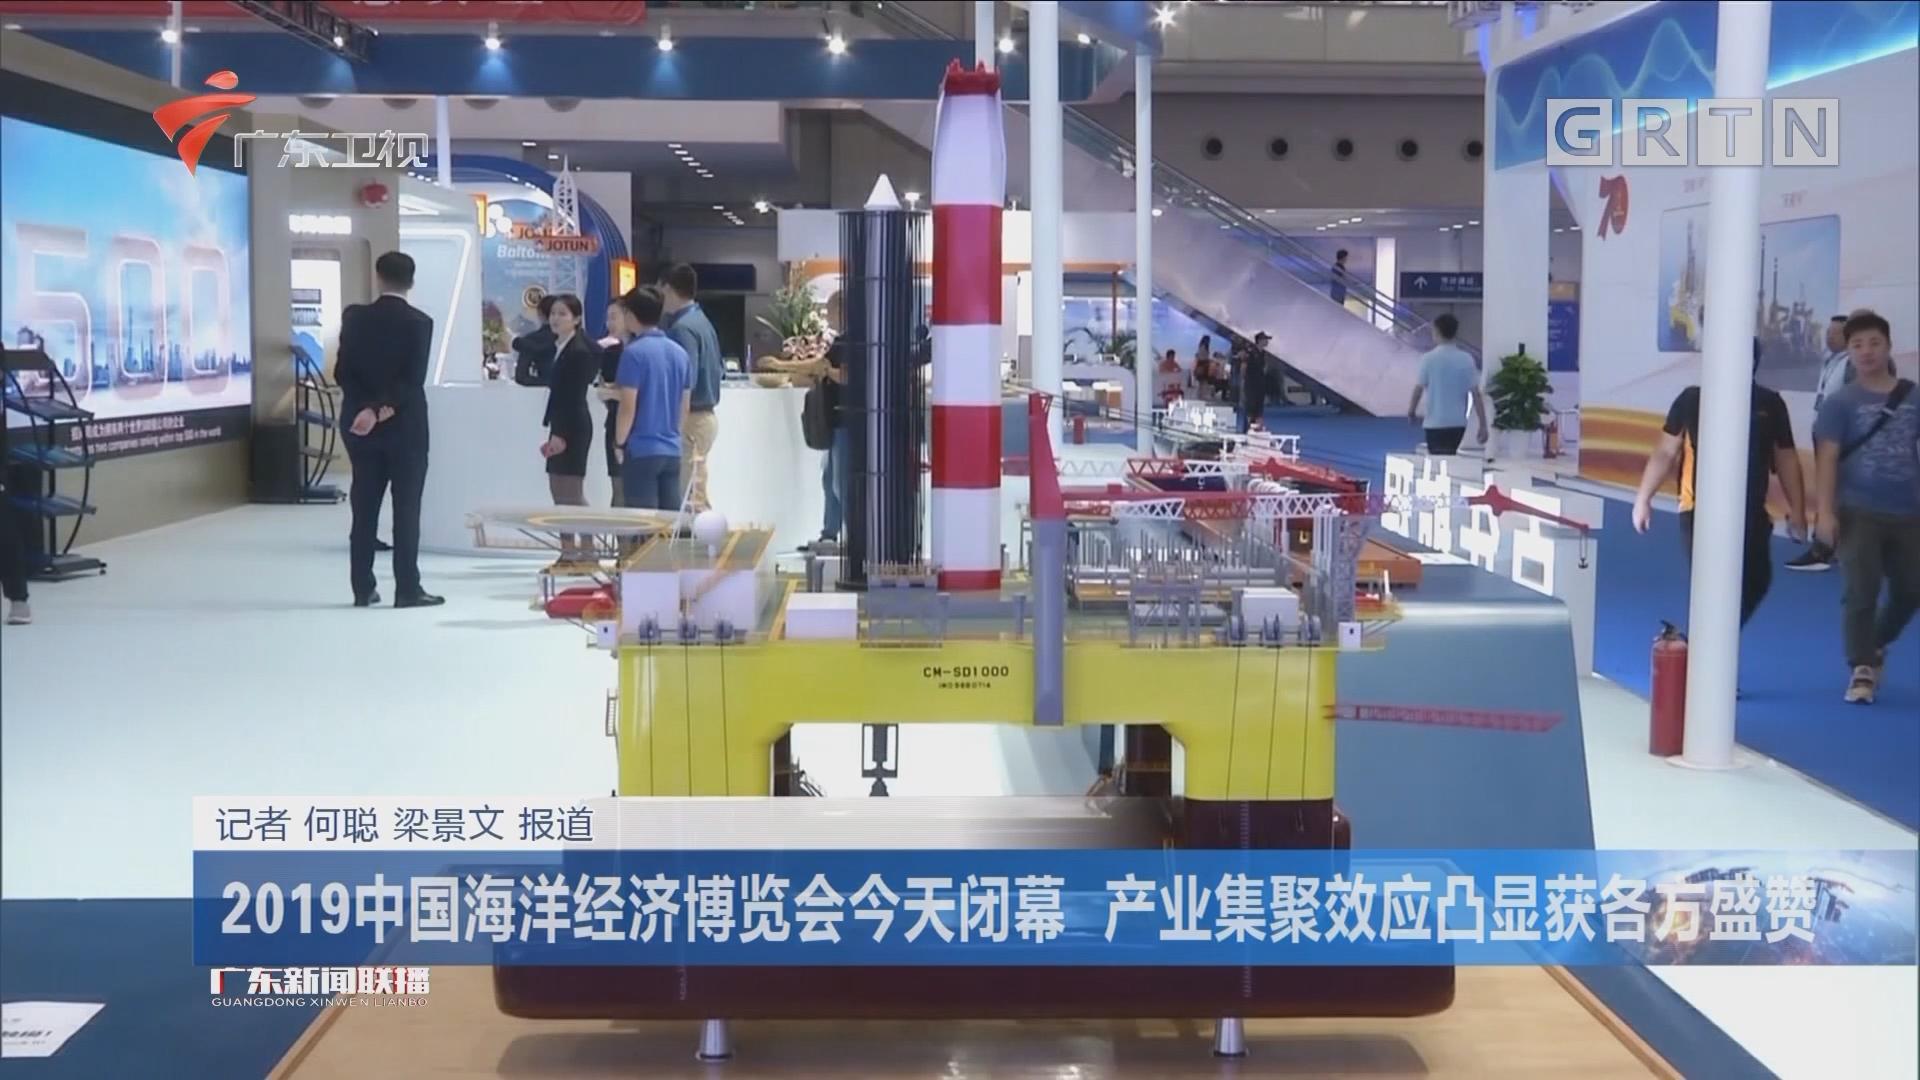 2019中国海洋经济博览会今天闭幕 产业集聚效应凸显获各方盛赞